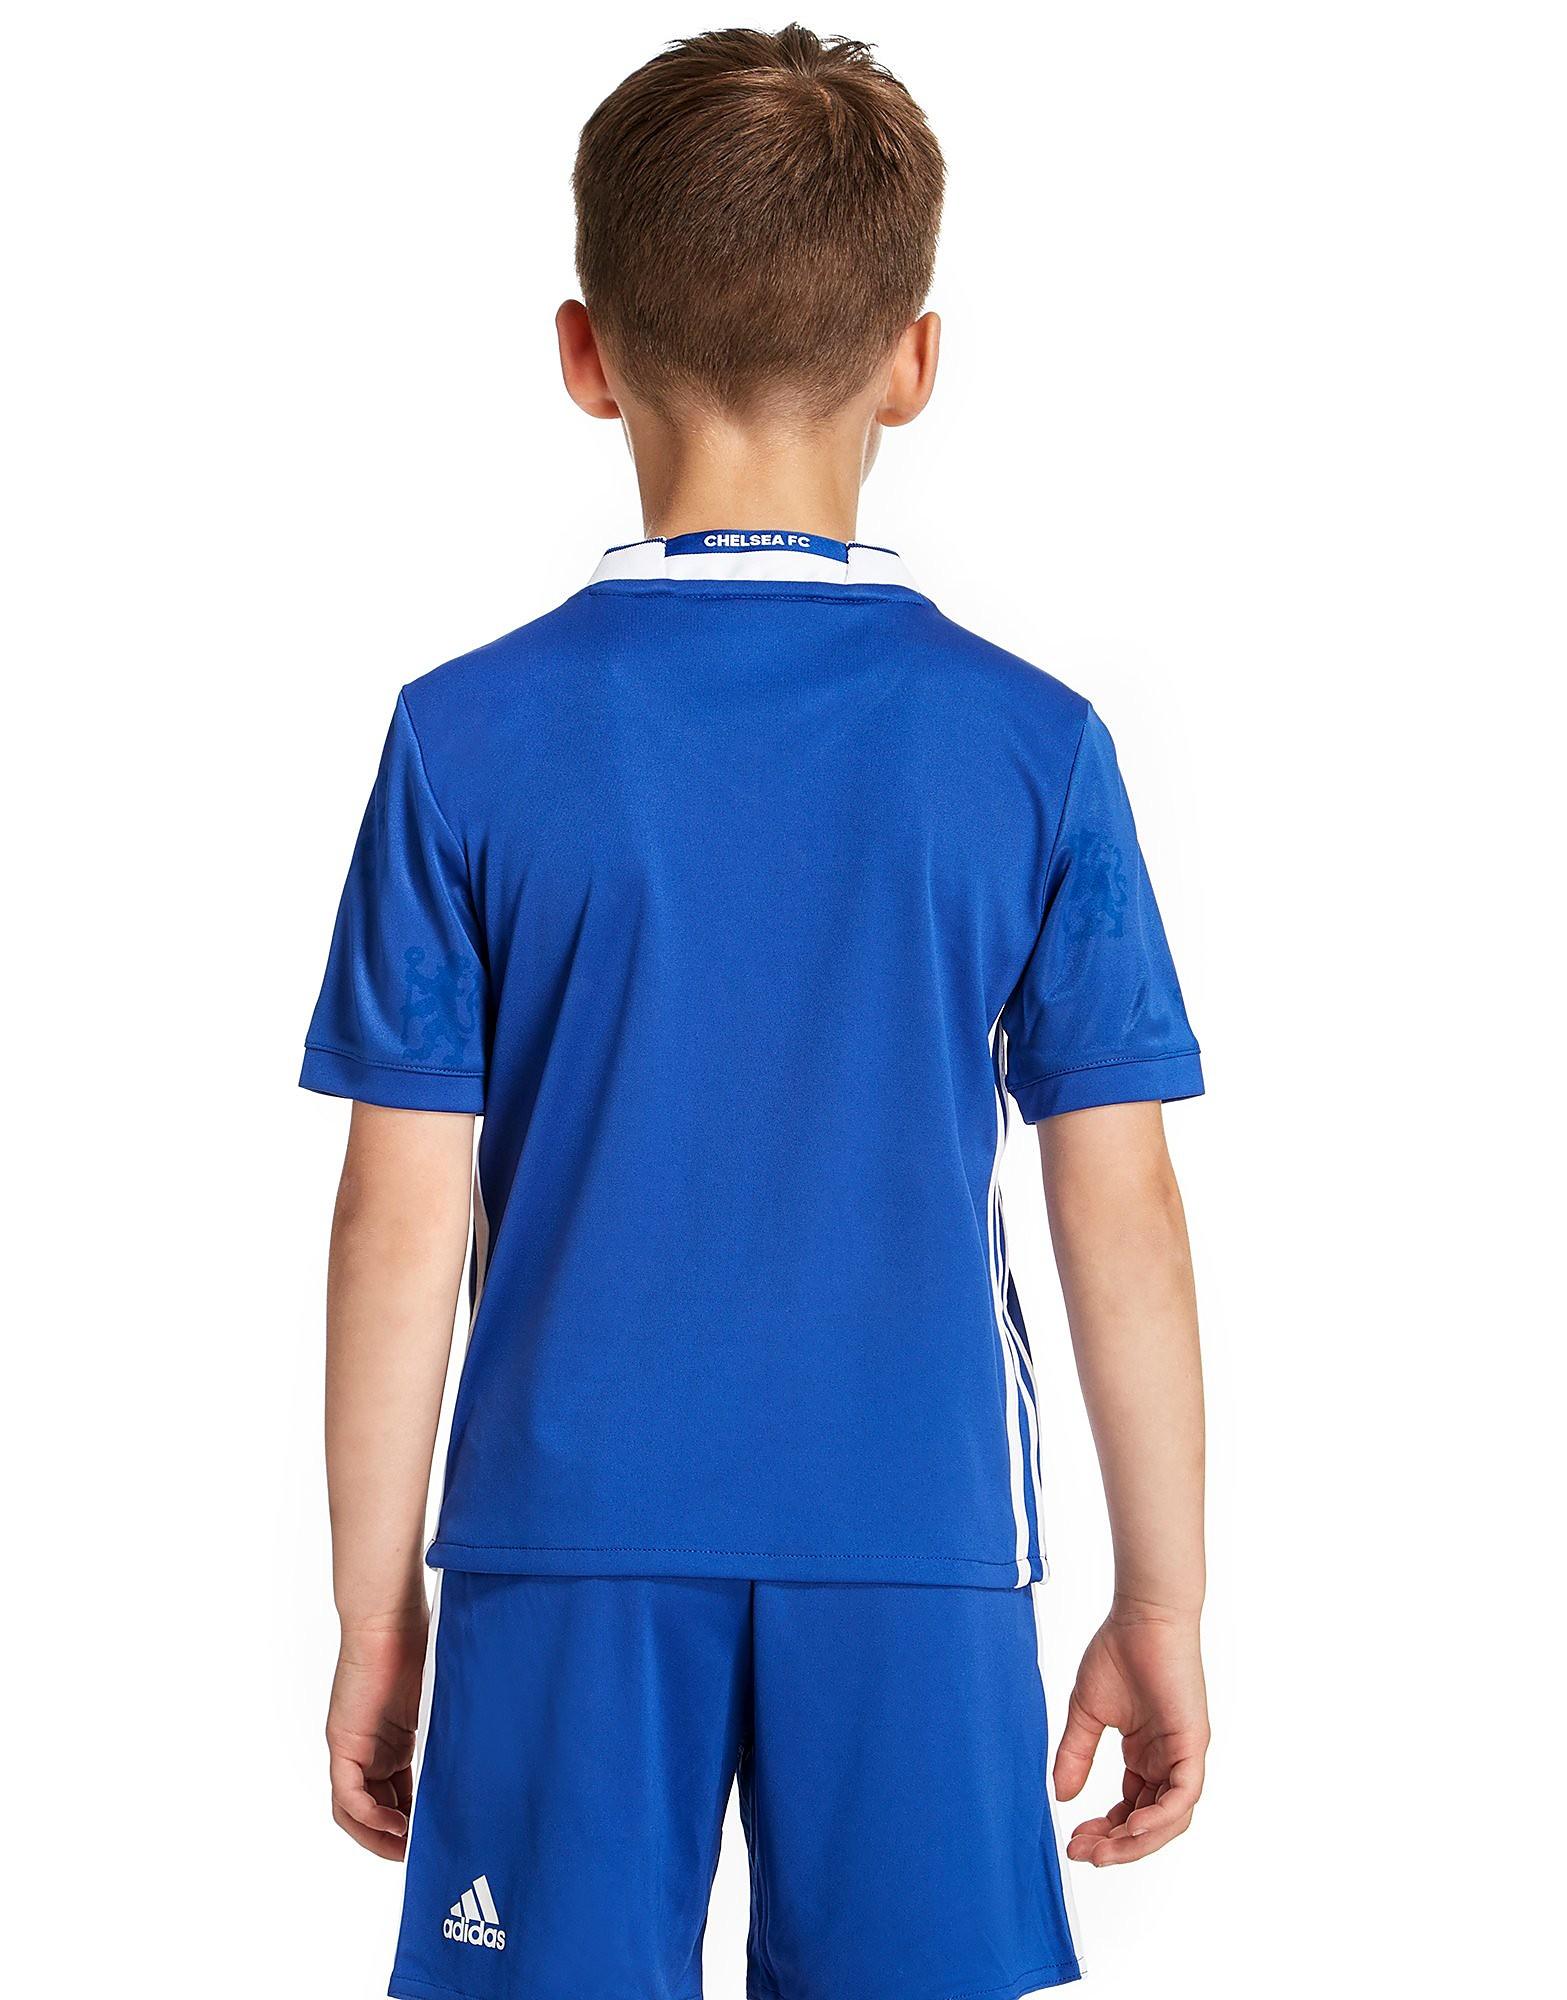 adidas Chelsea FC 2016/17 Home Kit Children